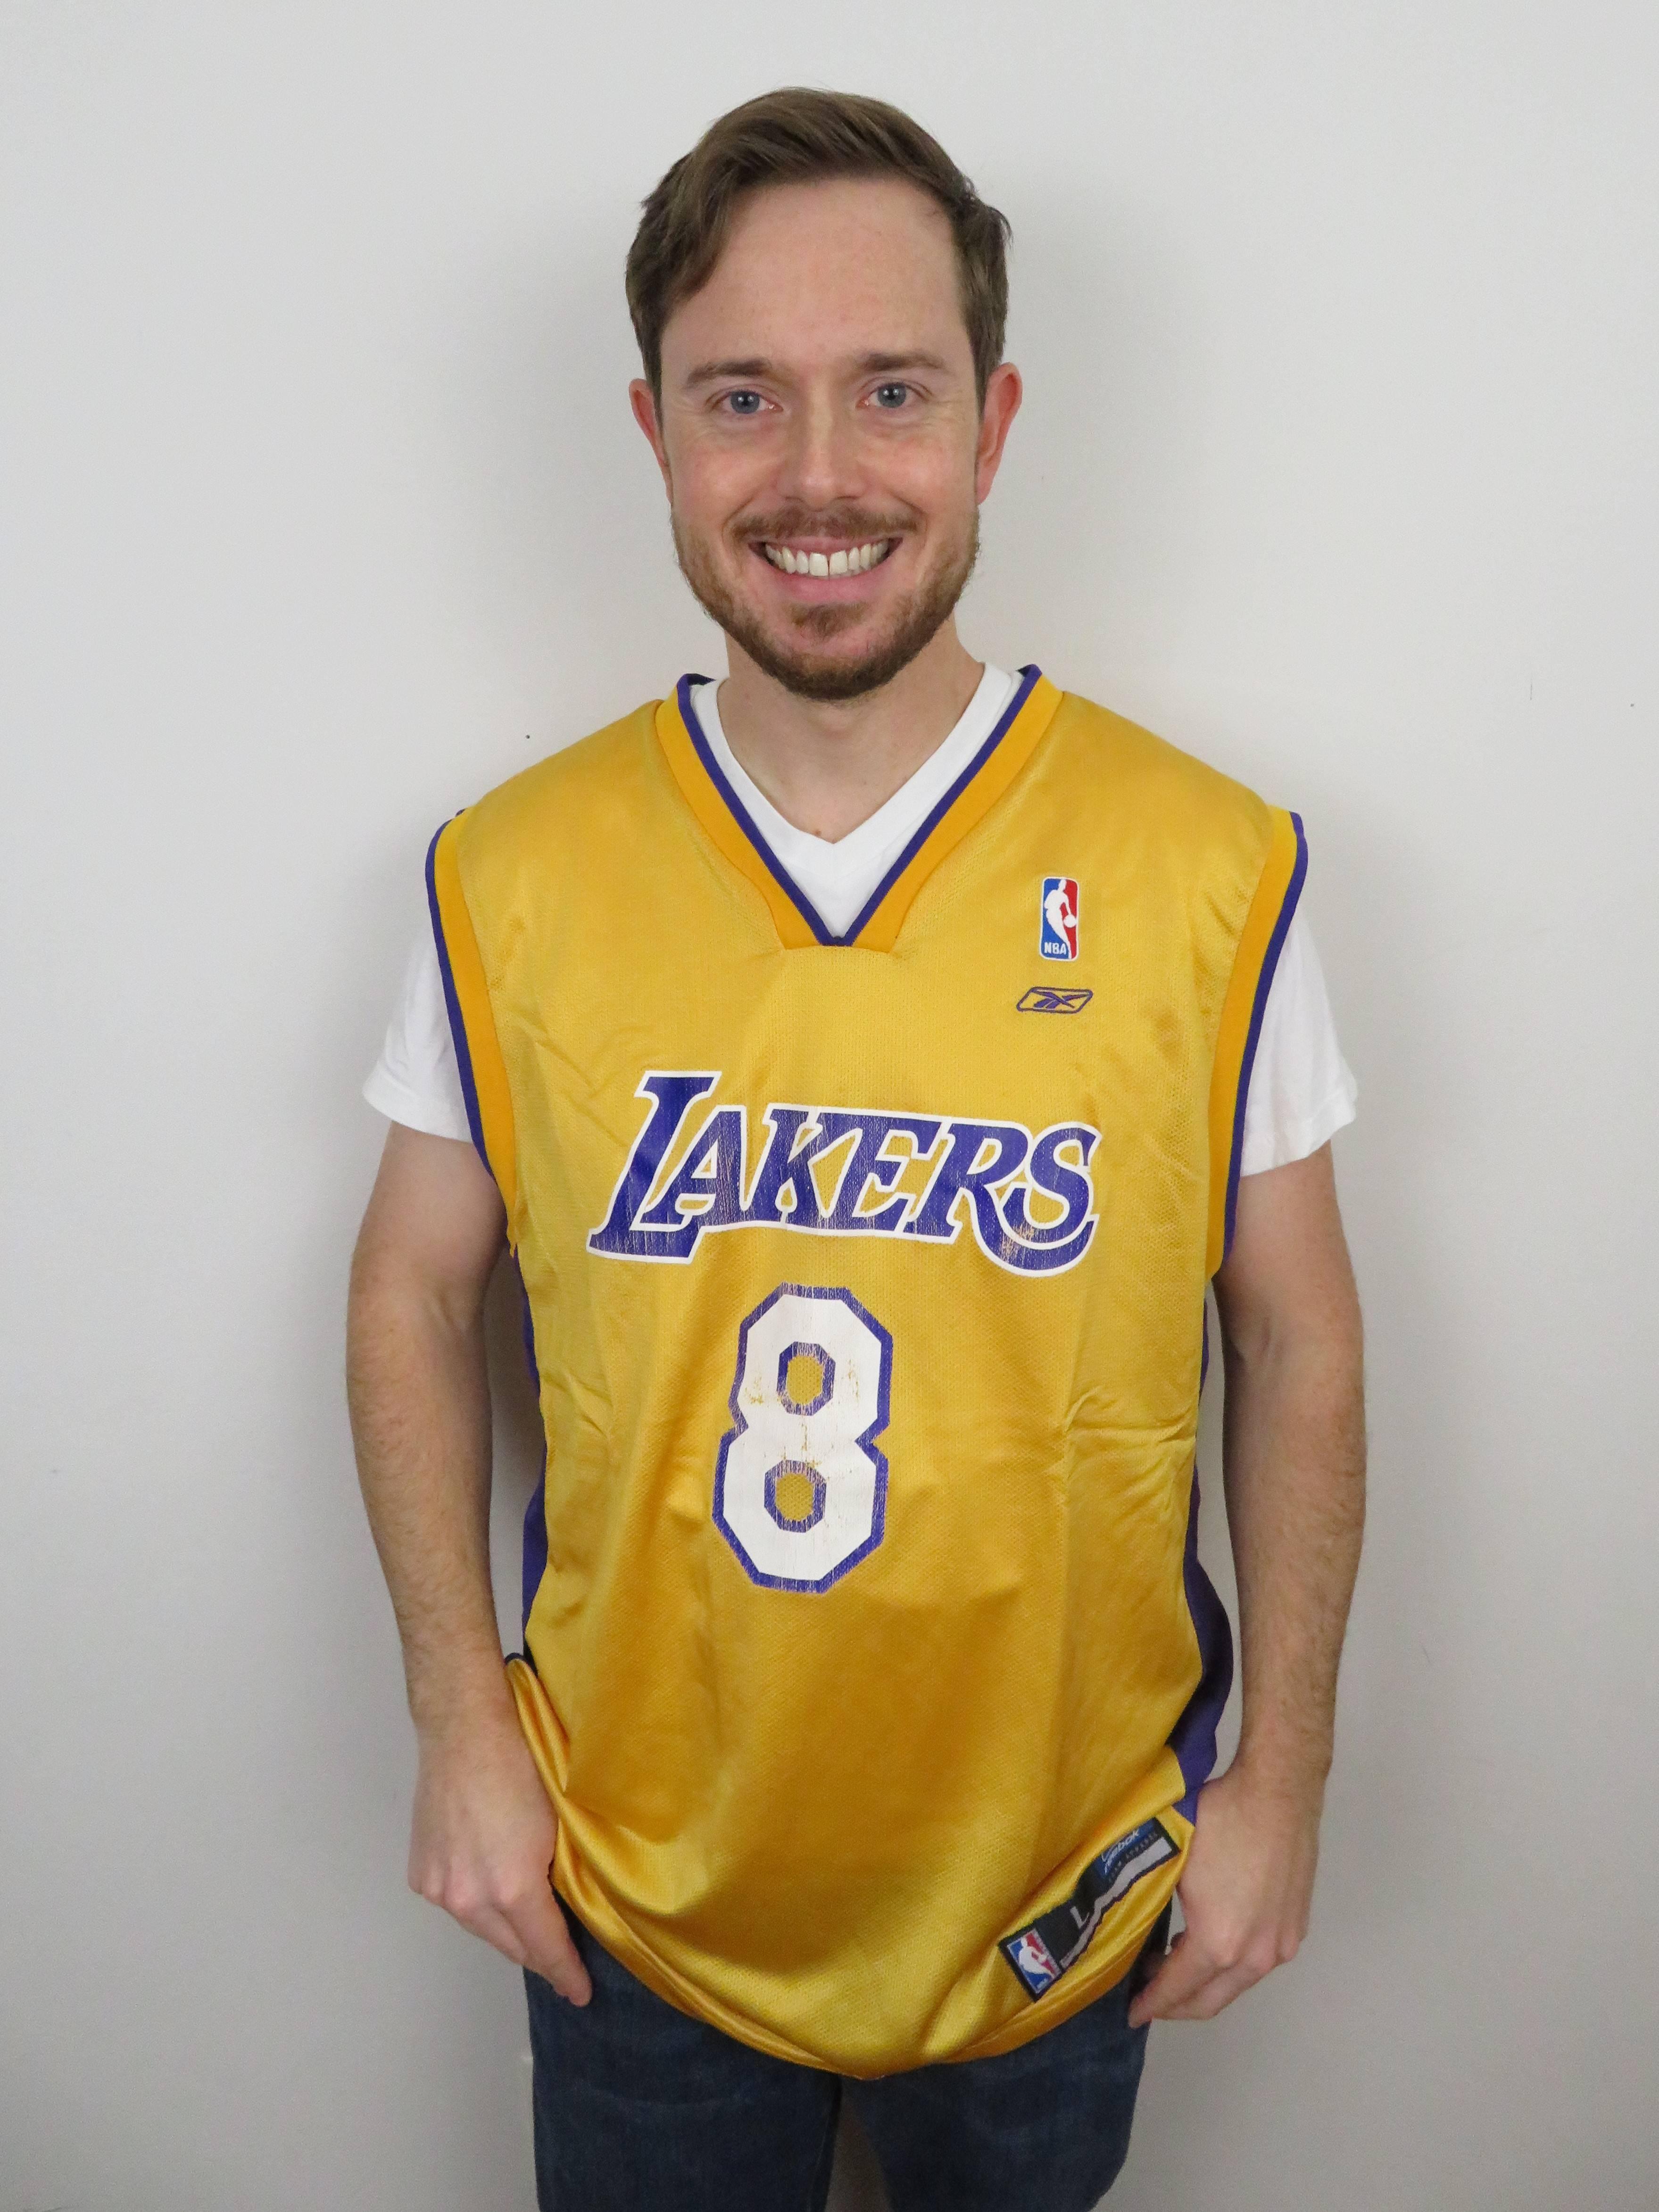 Reebok Vintage Reebok Kobe Bryant Los Angeles Lakers Jersey Mens Large 44 46 Basketball